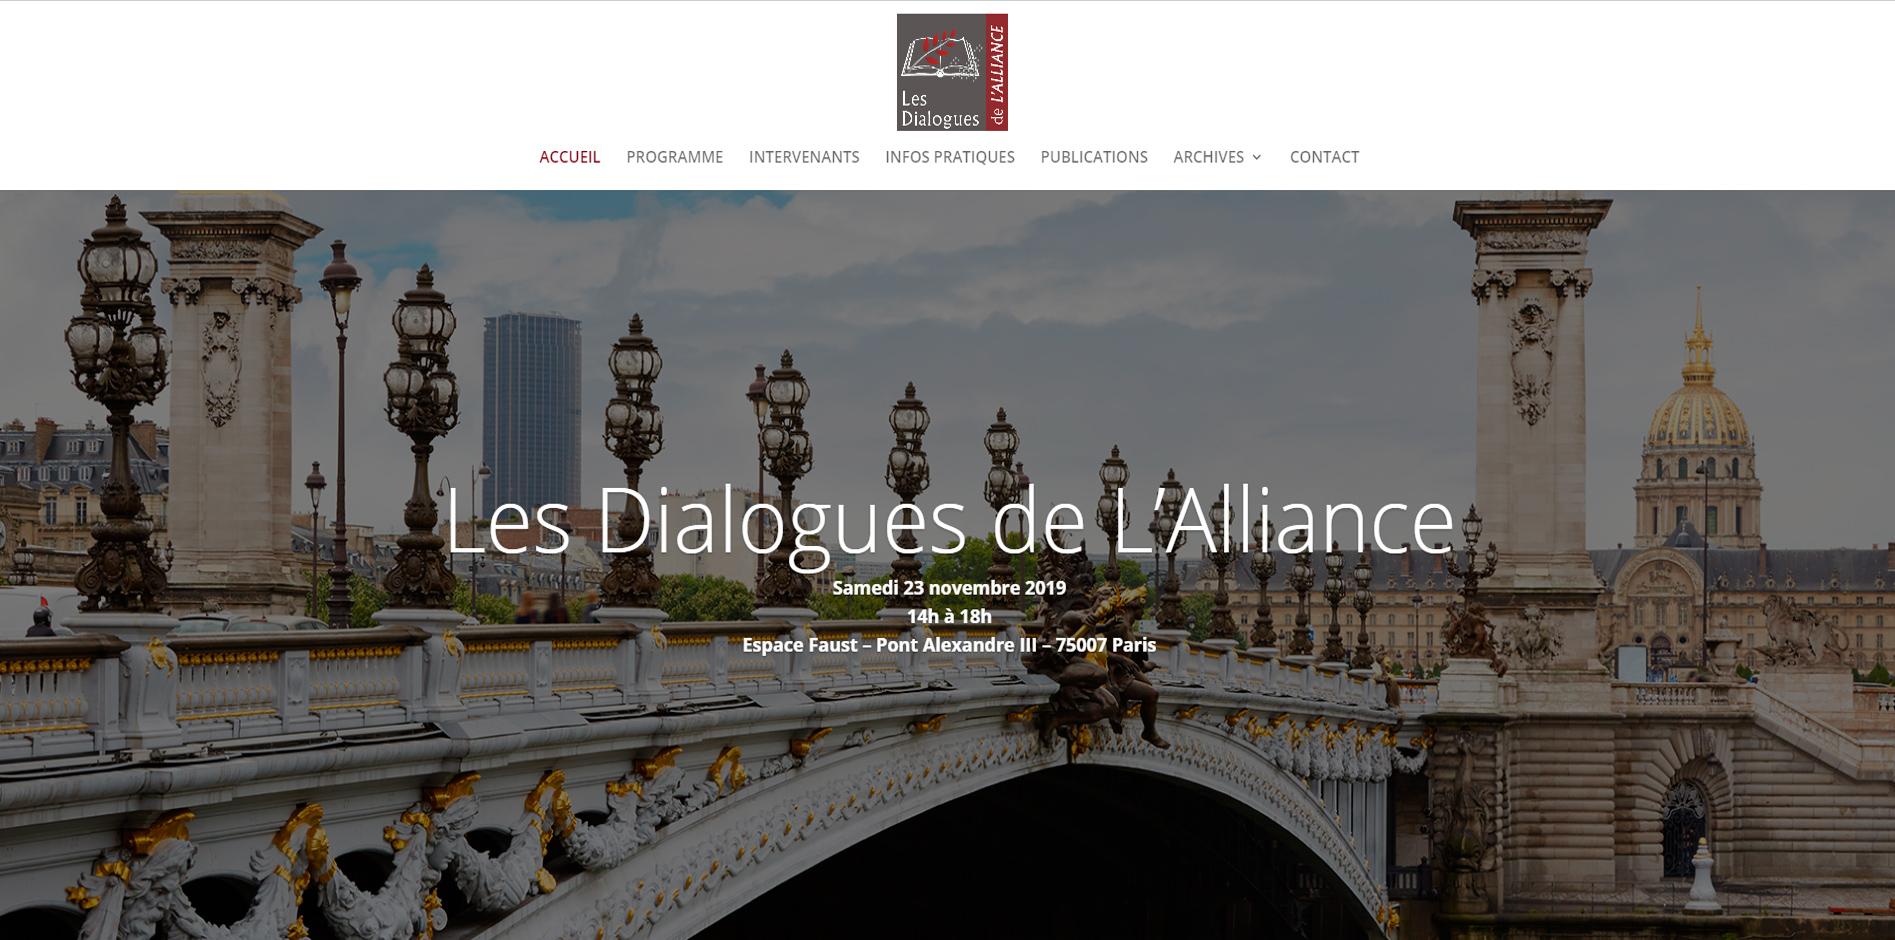 Les dialogues de l'alliance